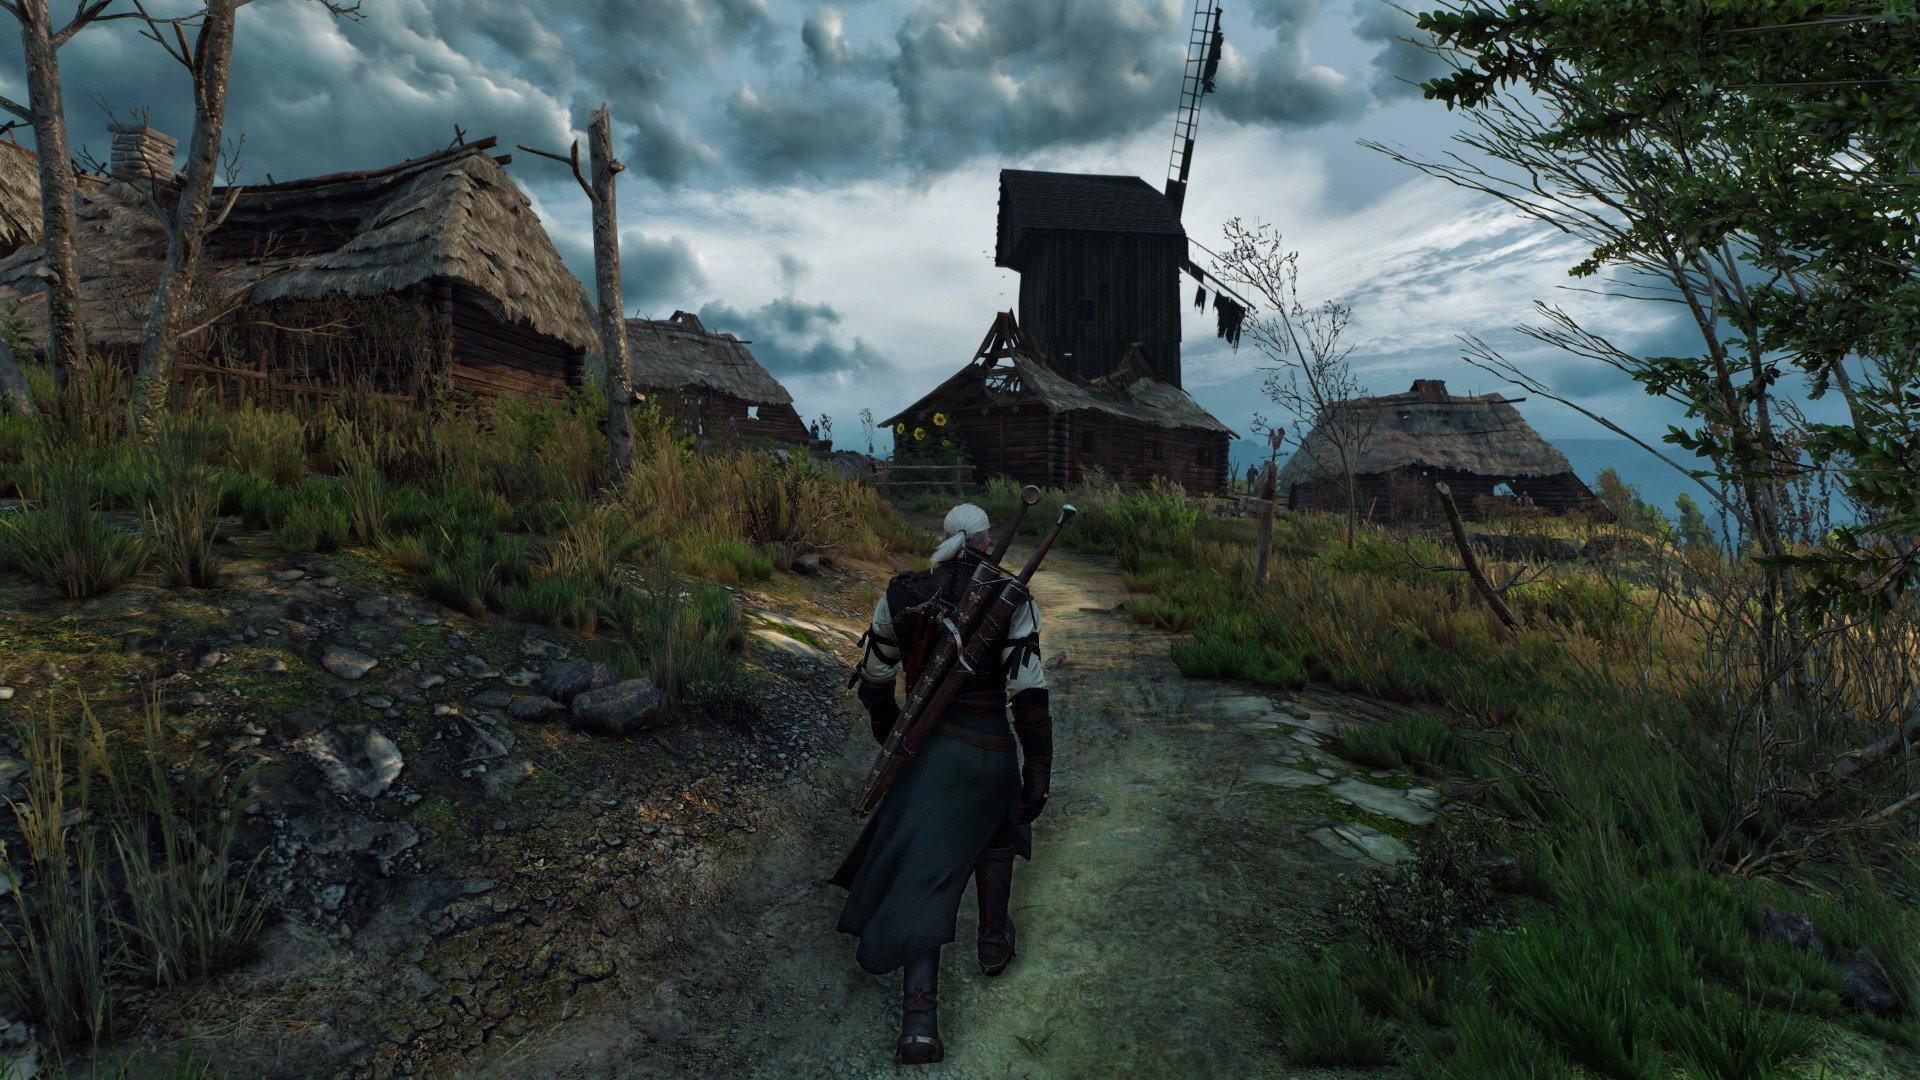 The Witcher 3: Wild Hunt. Ответы на вопросы, новые факты и информация о игре.   Сводка вопросов и ответов по игре, в ... - Изображение 16